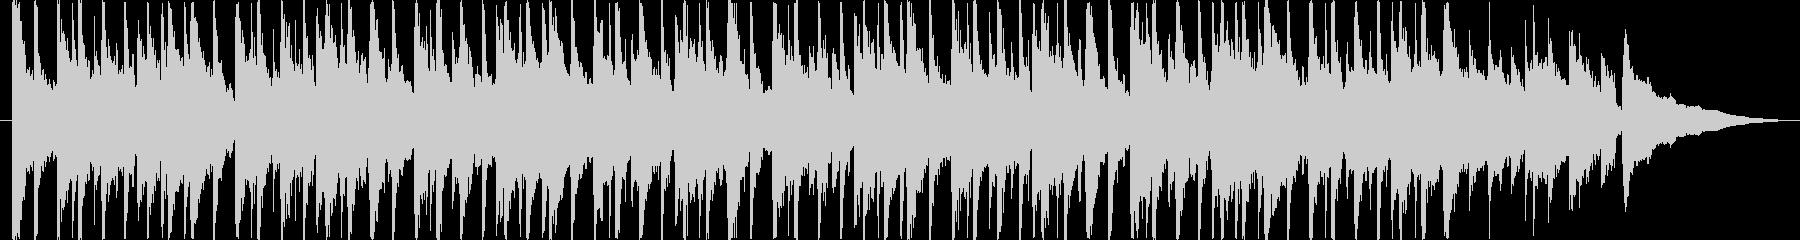 楽しい雰囲気のBGM(30ver)の未再生の波形